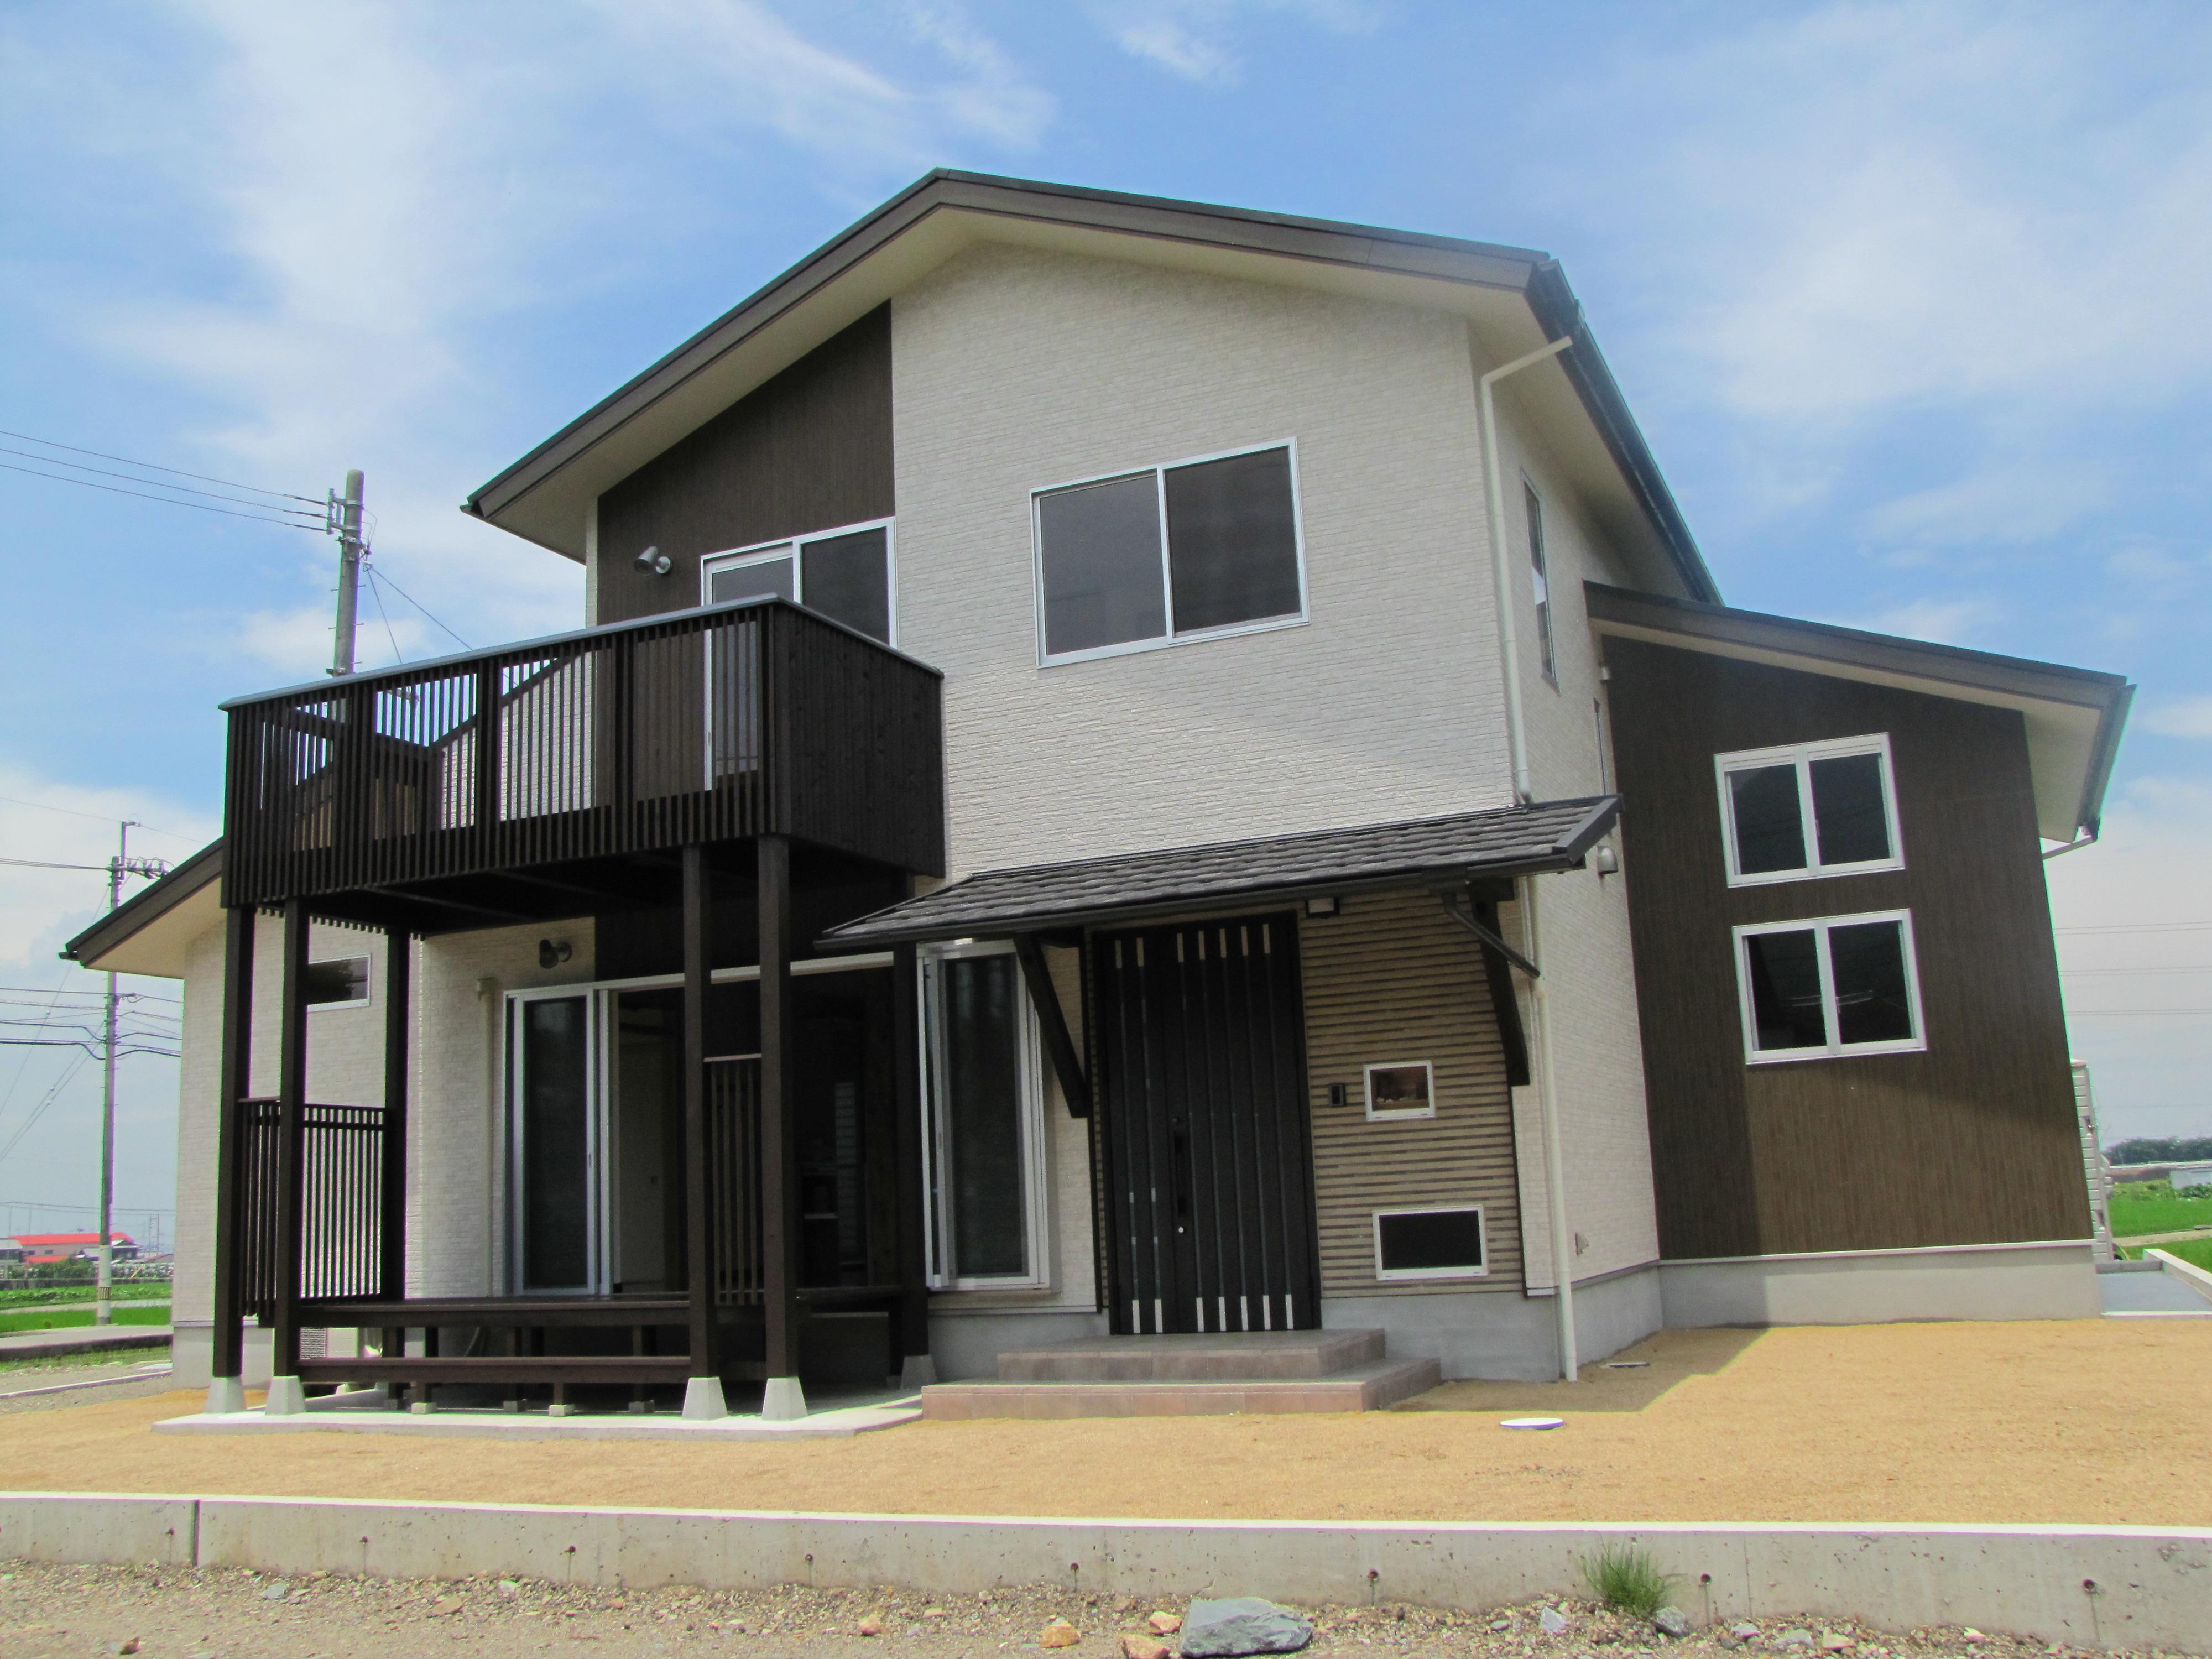 愛媛県西条市 T様邸のサムネイル